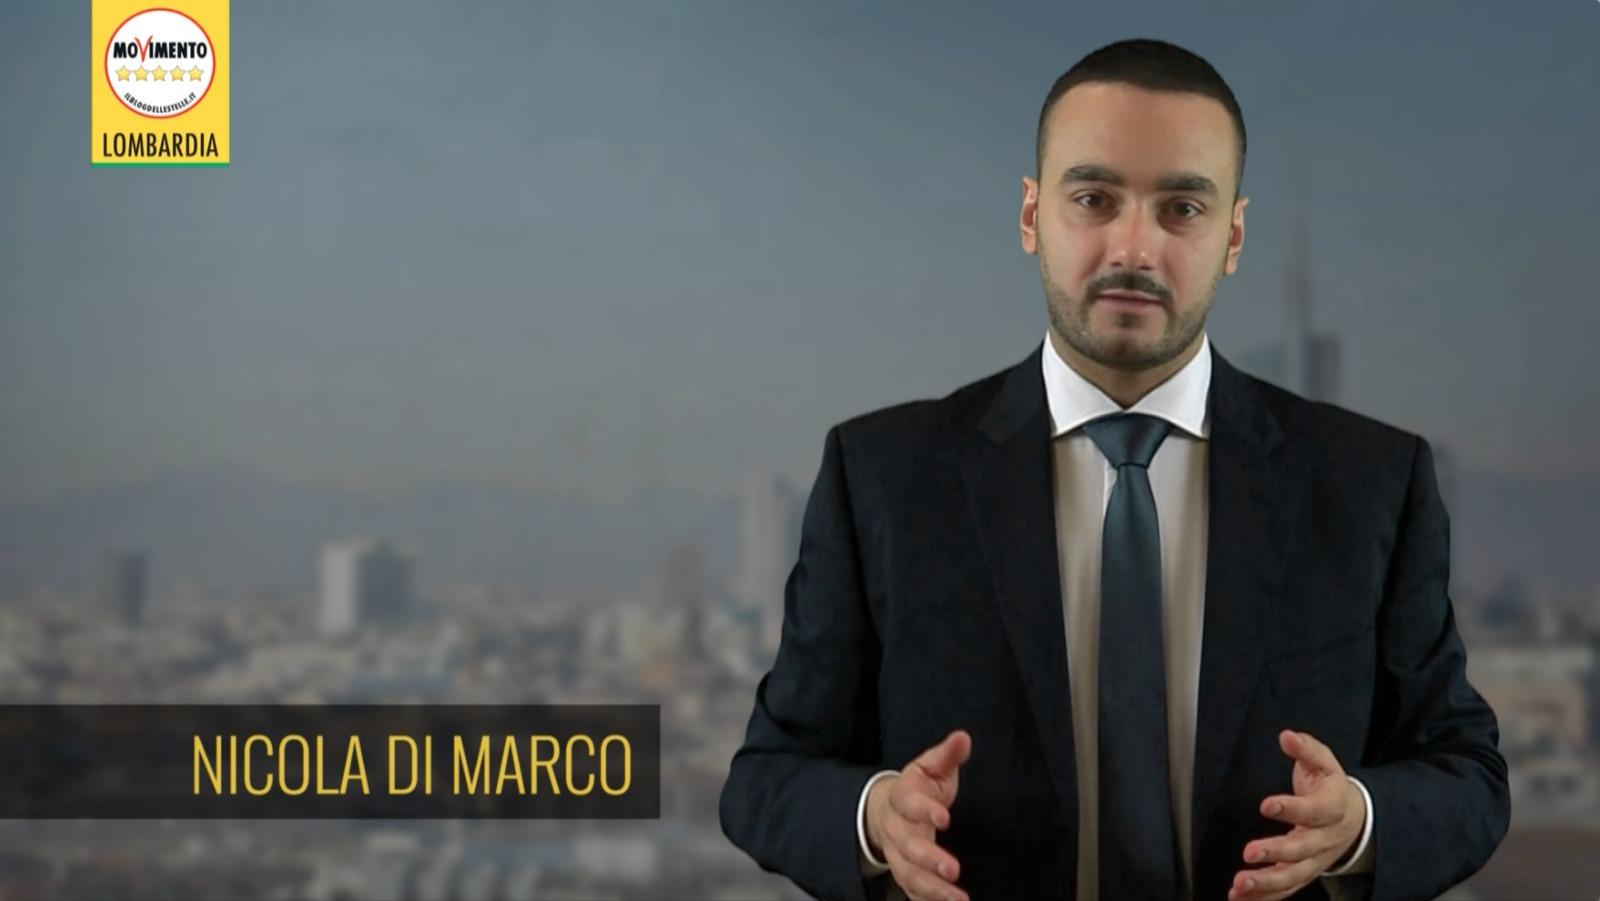 Conosciamo i consiglieri regionali: Nicola Di Marco